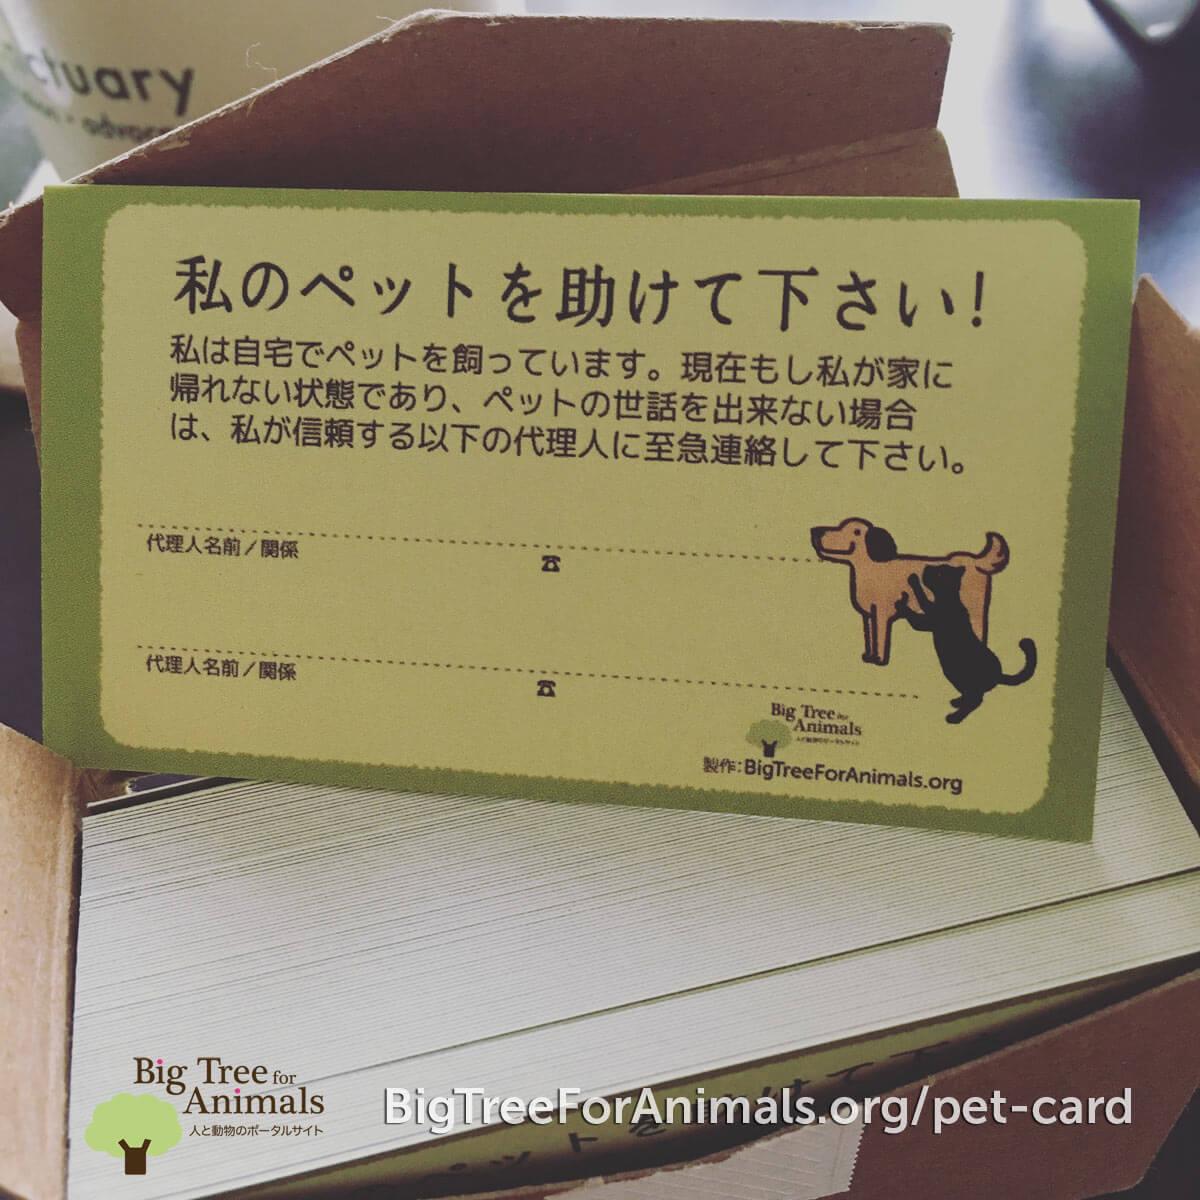 ペットを家に残したまま出先で事故に!ペットが家に残されている事を知らせてくれる☆ペットの為の意思表示カード